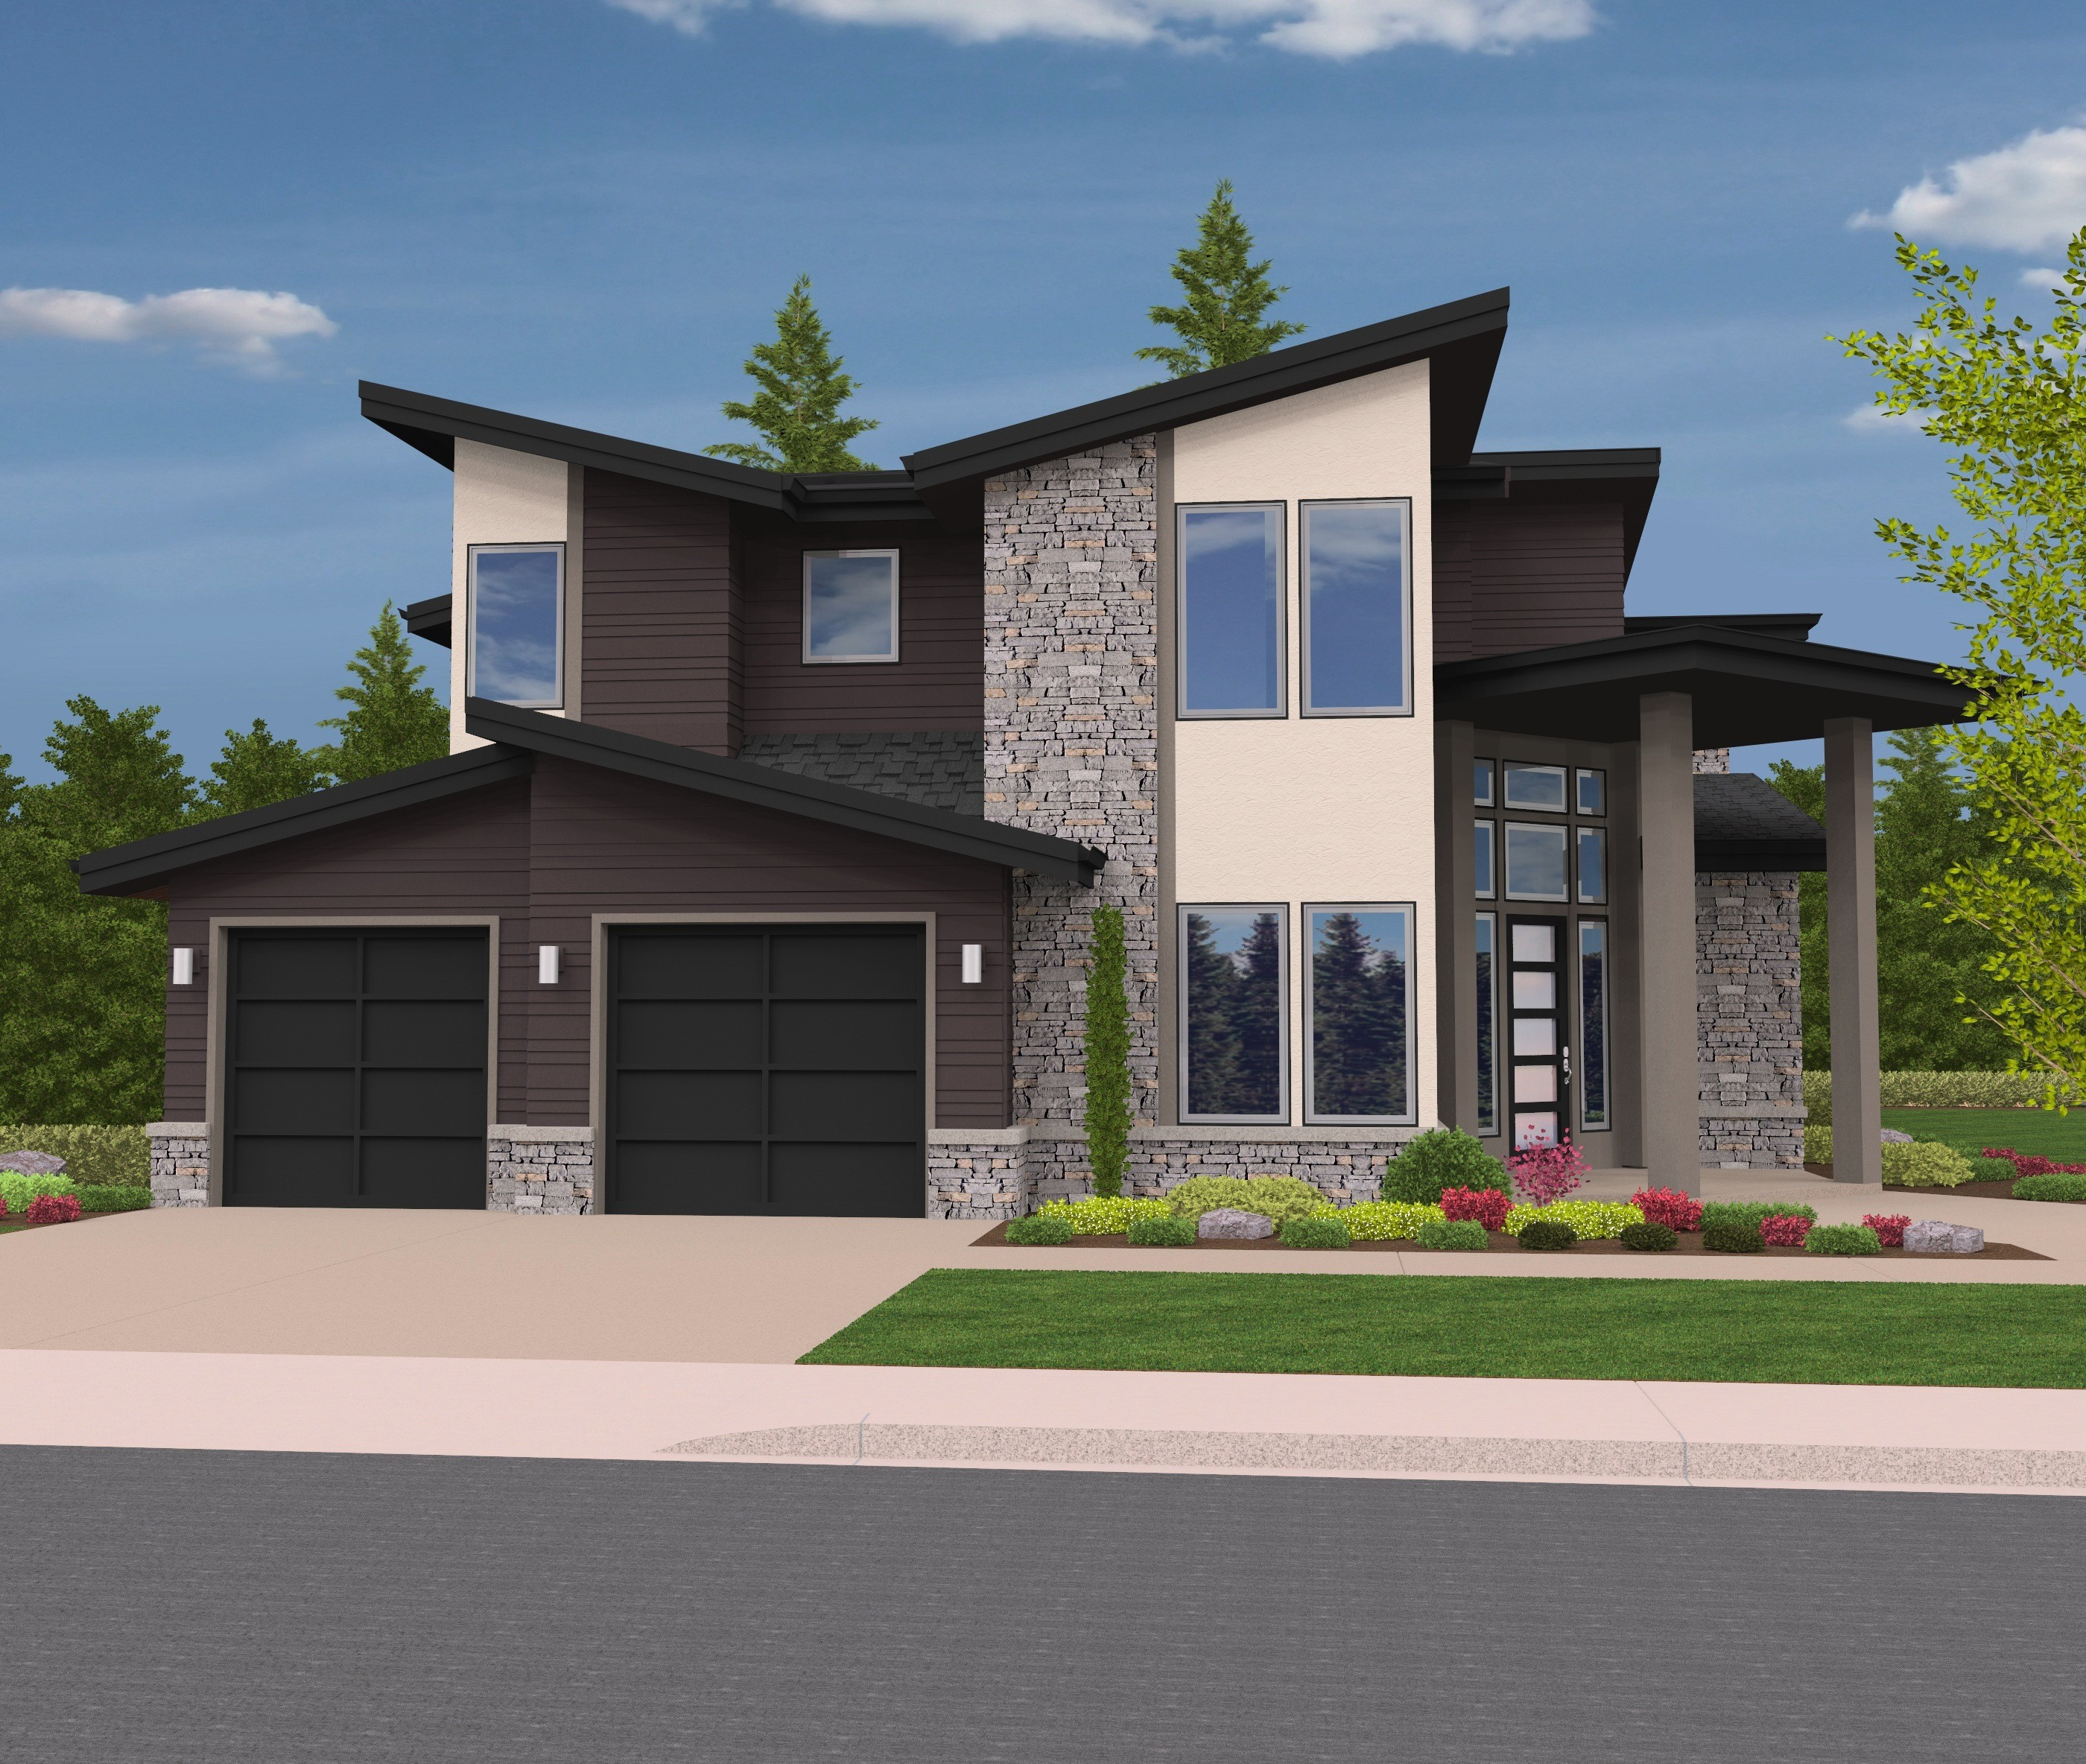 The natural northwest modern house plan by mark stewart